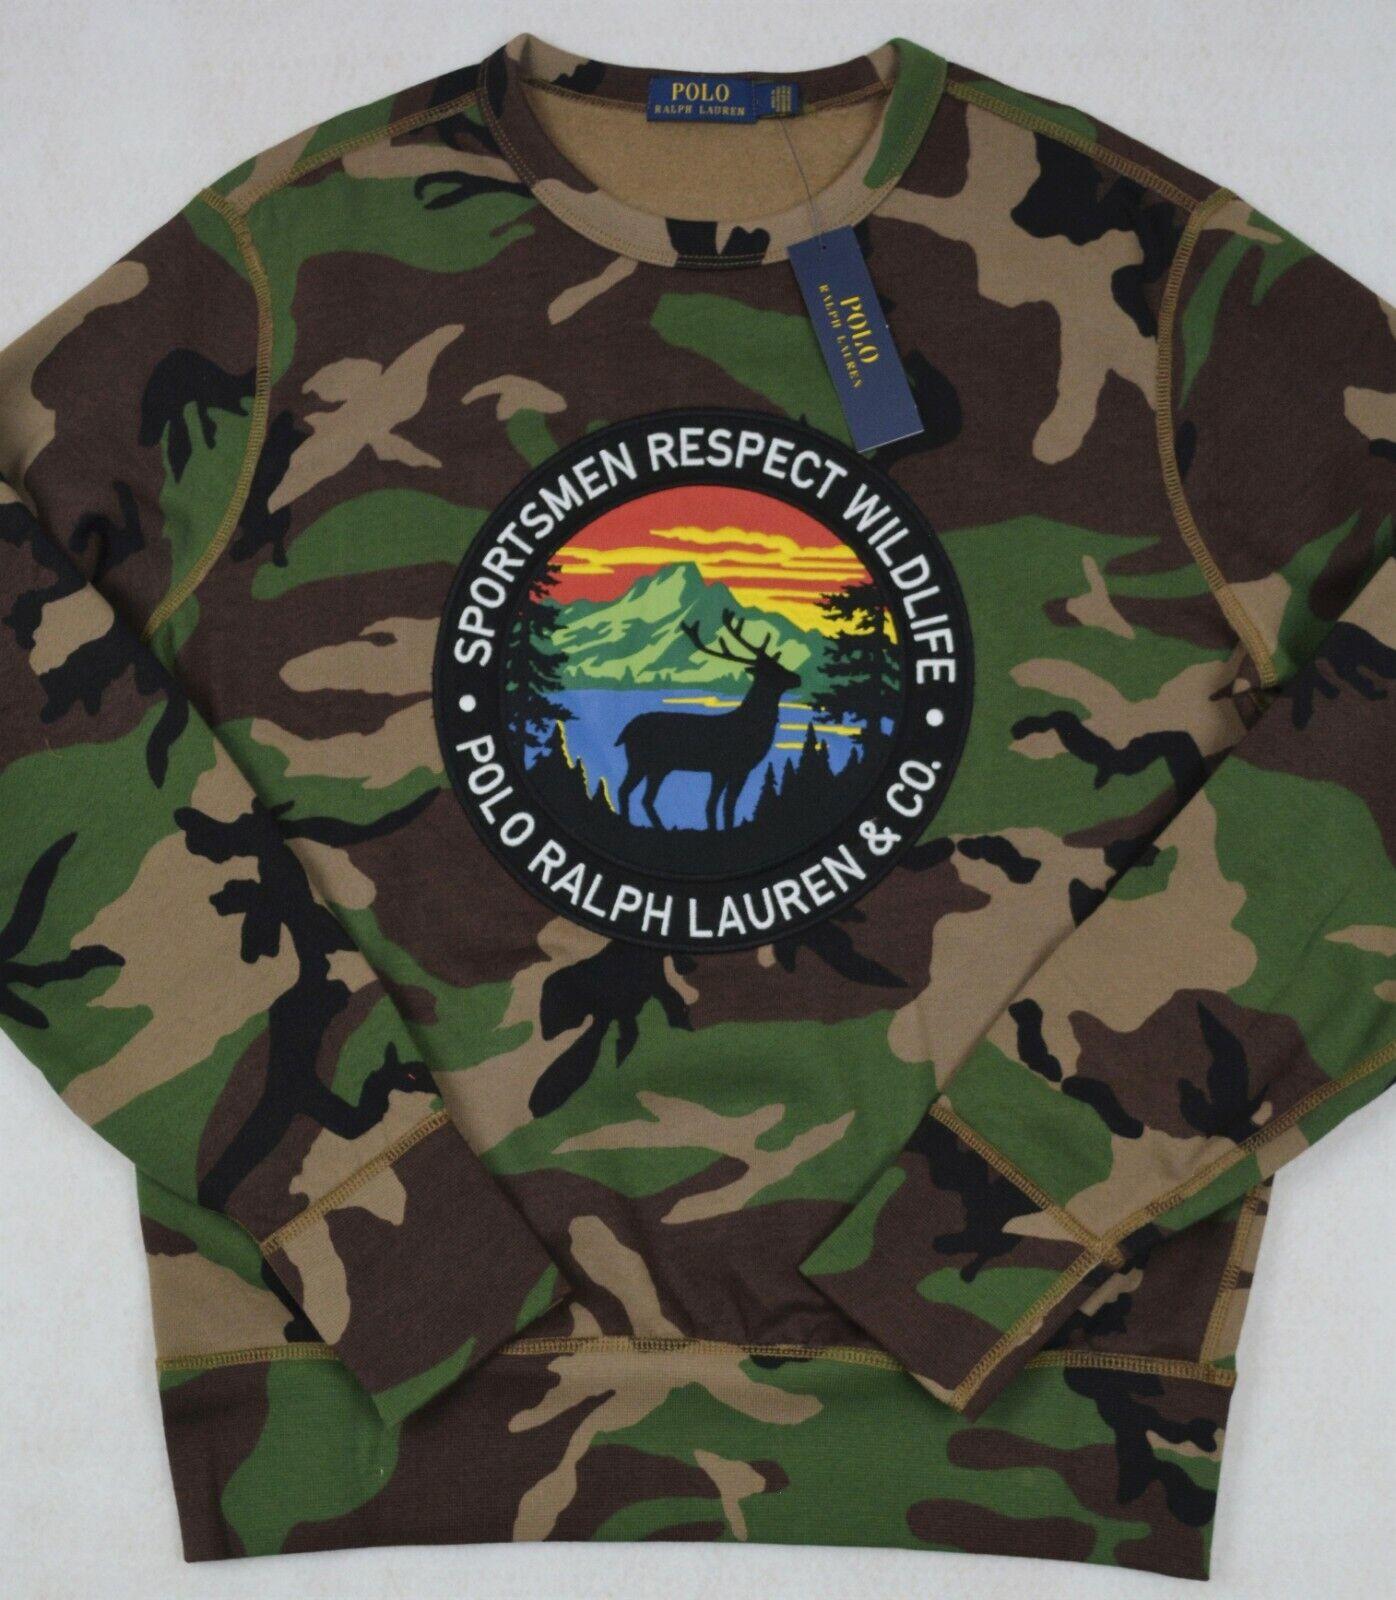 Polo Ralph Lauren Camo Fleece Sweatshirt Sportsmen Respect Wildlife M NWT